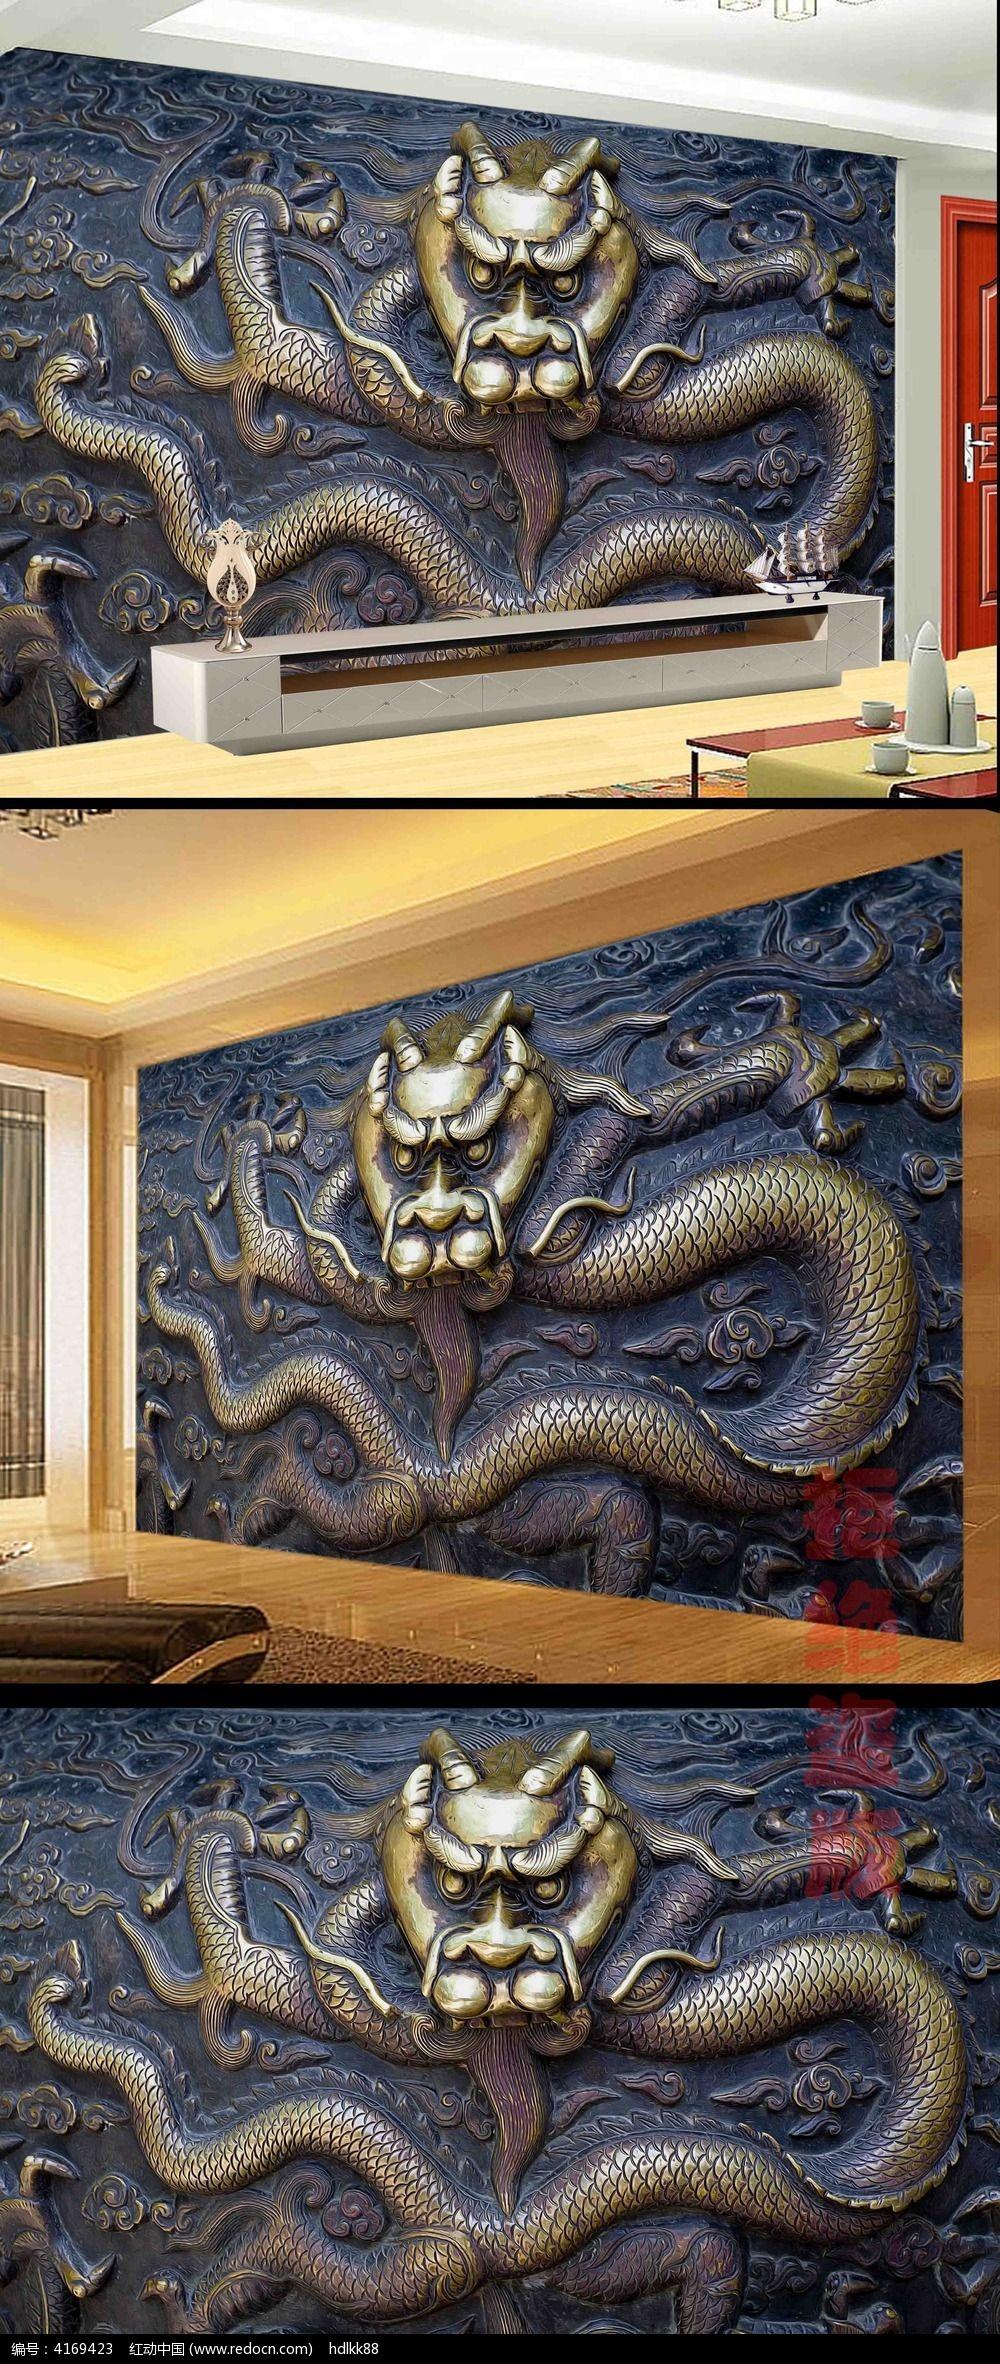 原创设计稿 装饰画/电视背景墙 背景墙 浮雕龙头大堂背景墙  请您分享